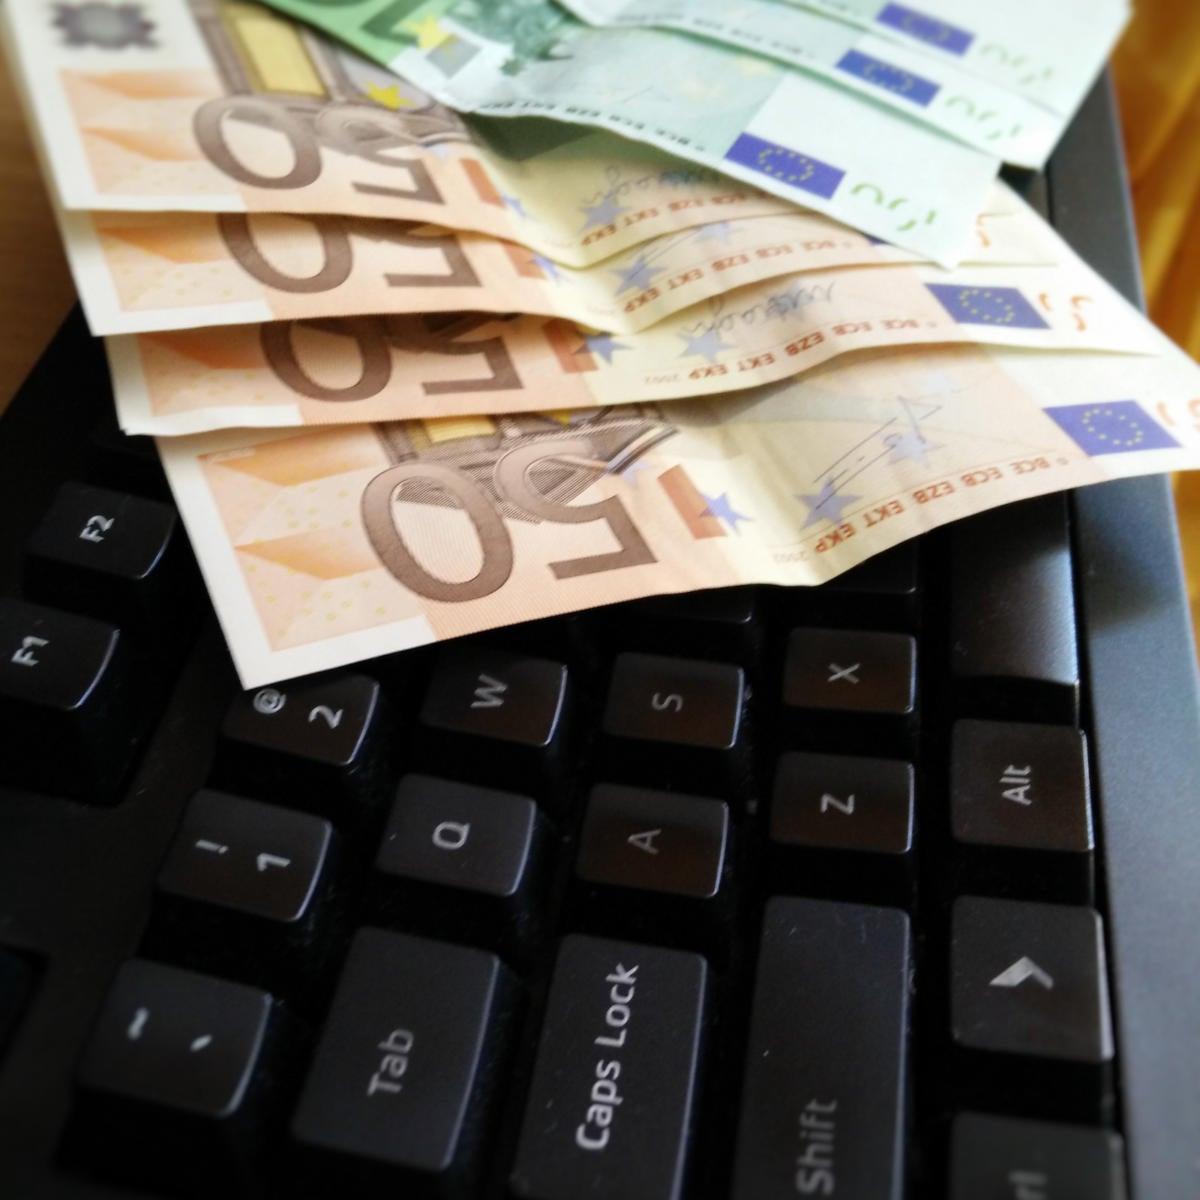 Fraud gang targeted large European companies